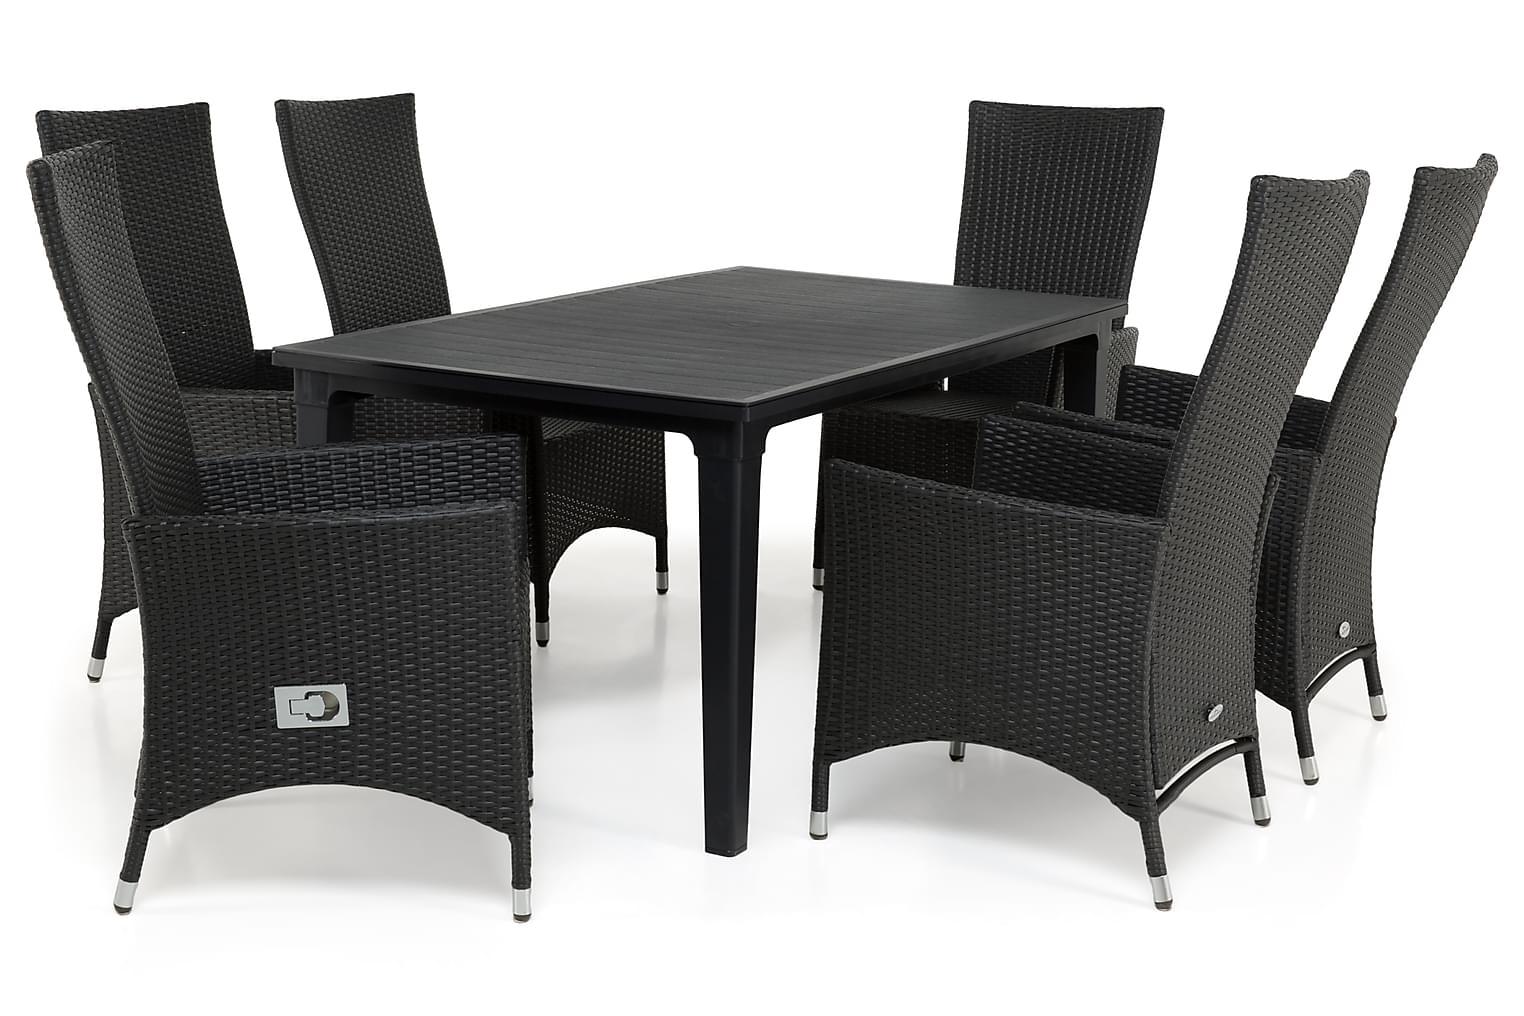 ALAMOSA Pöytä 165 + 6 JENNIE Säädettävää nojatuolia Musta